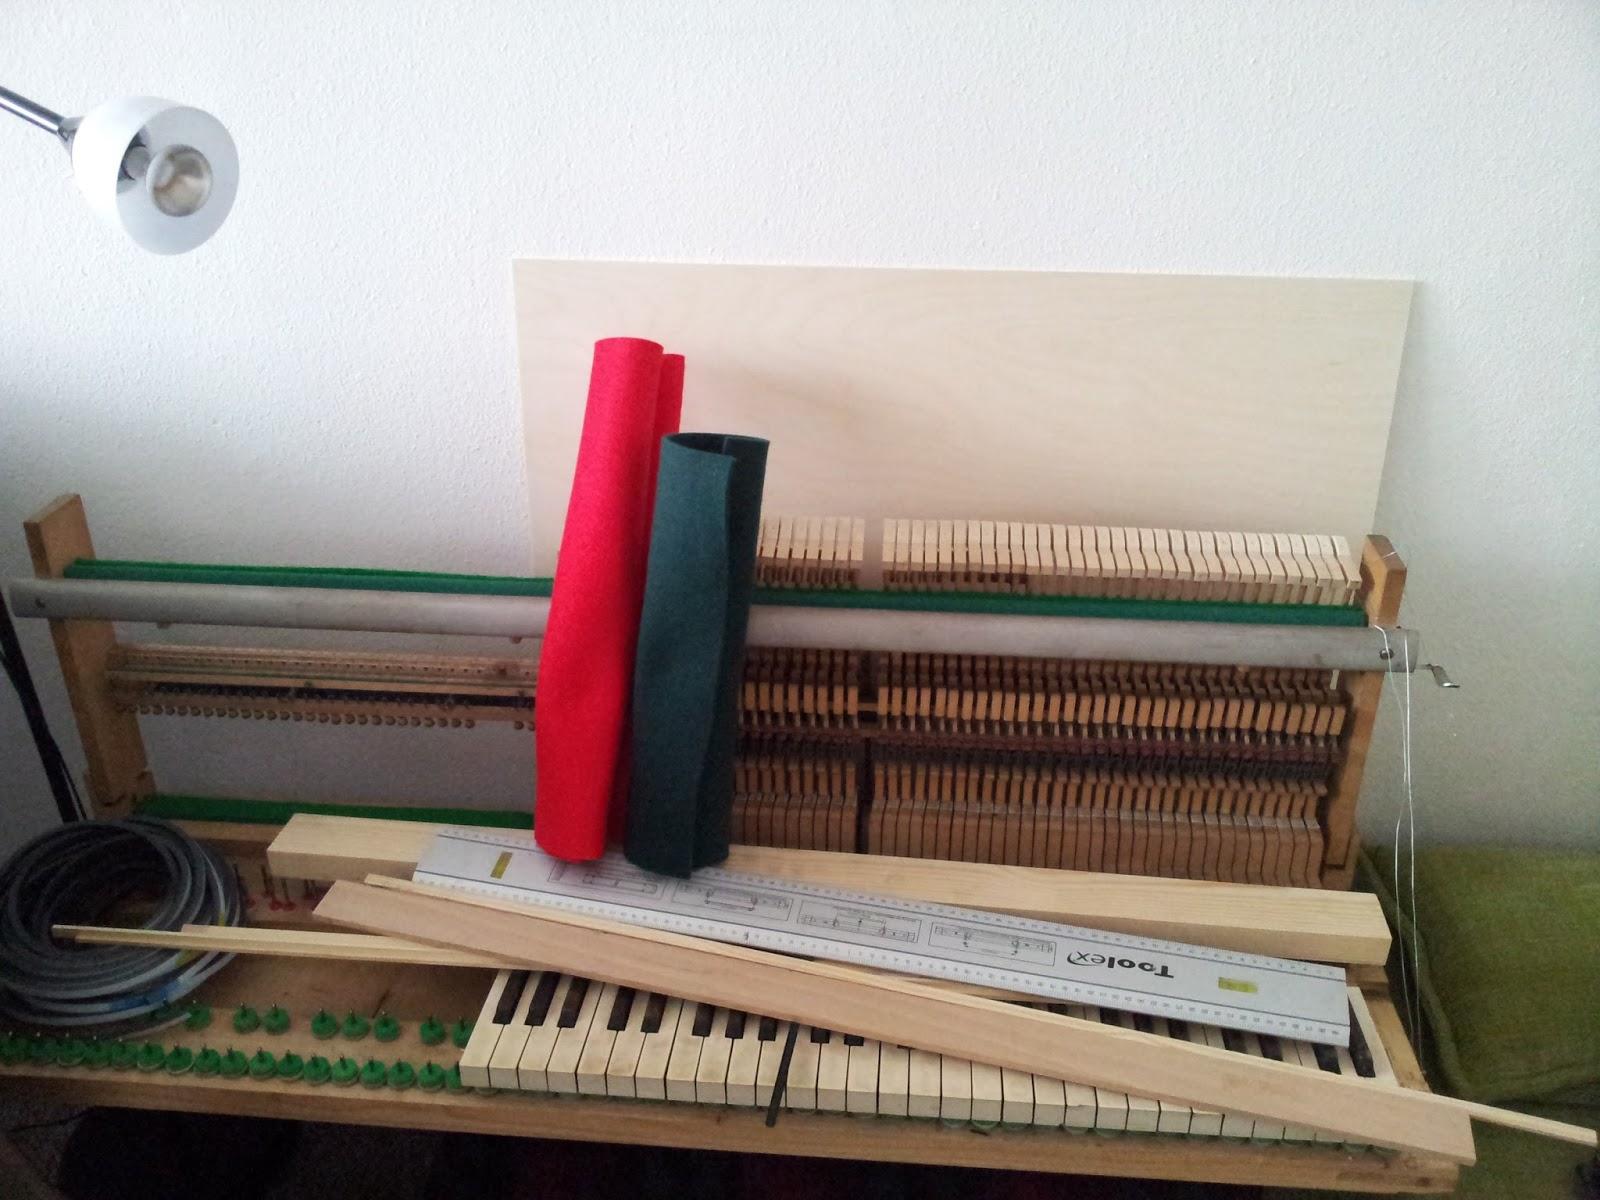 Homemade Celesta: 1.5 Zusammenbau Klangröhren + Mechanik | Assemble